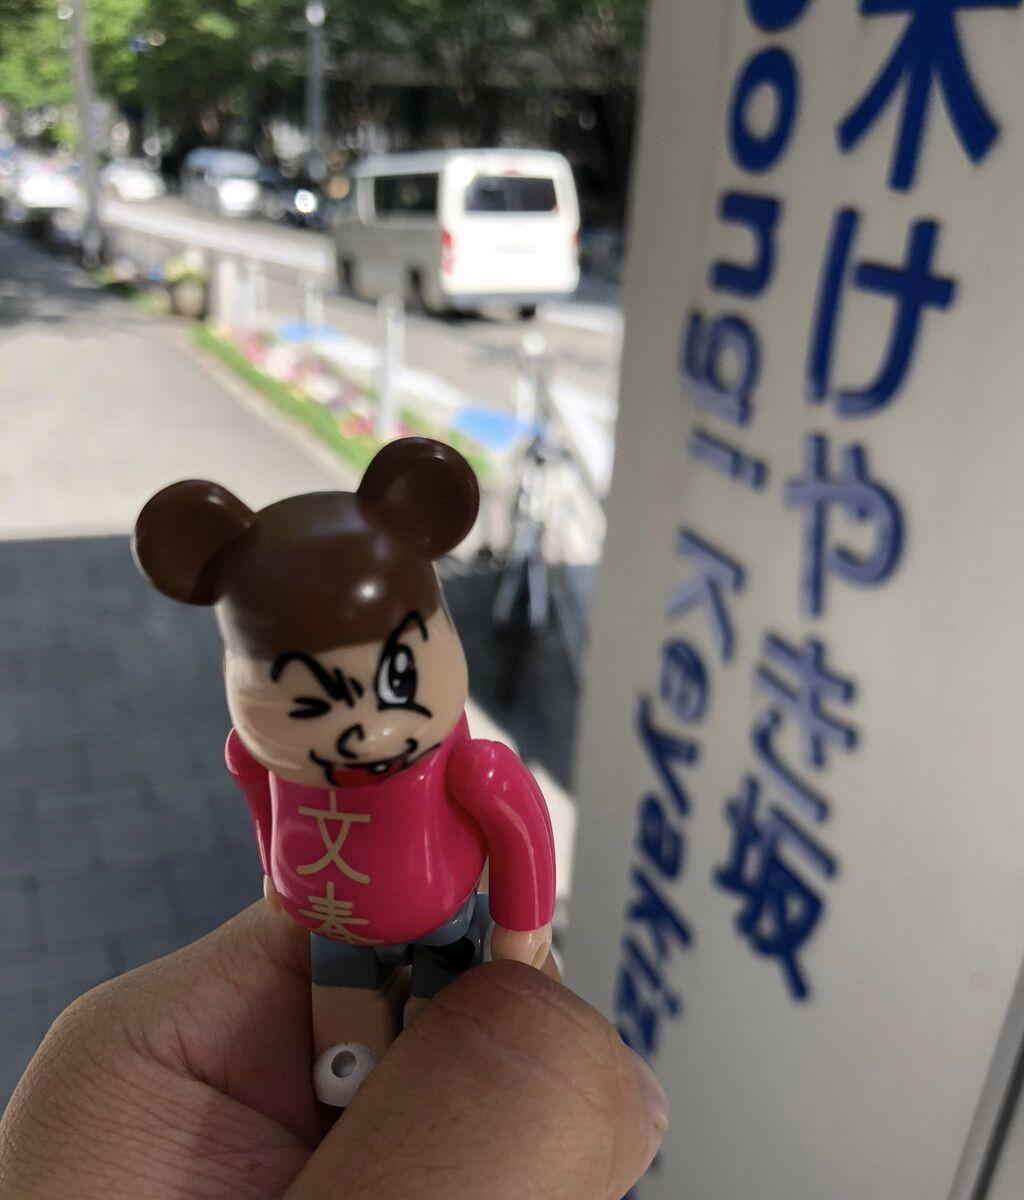 【速報】欅坂46に文春砲wwwwwww